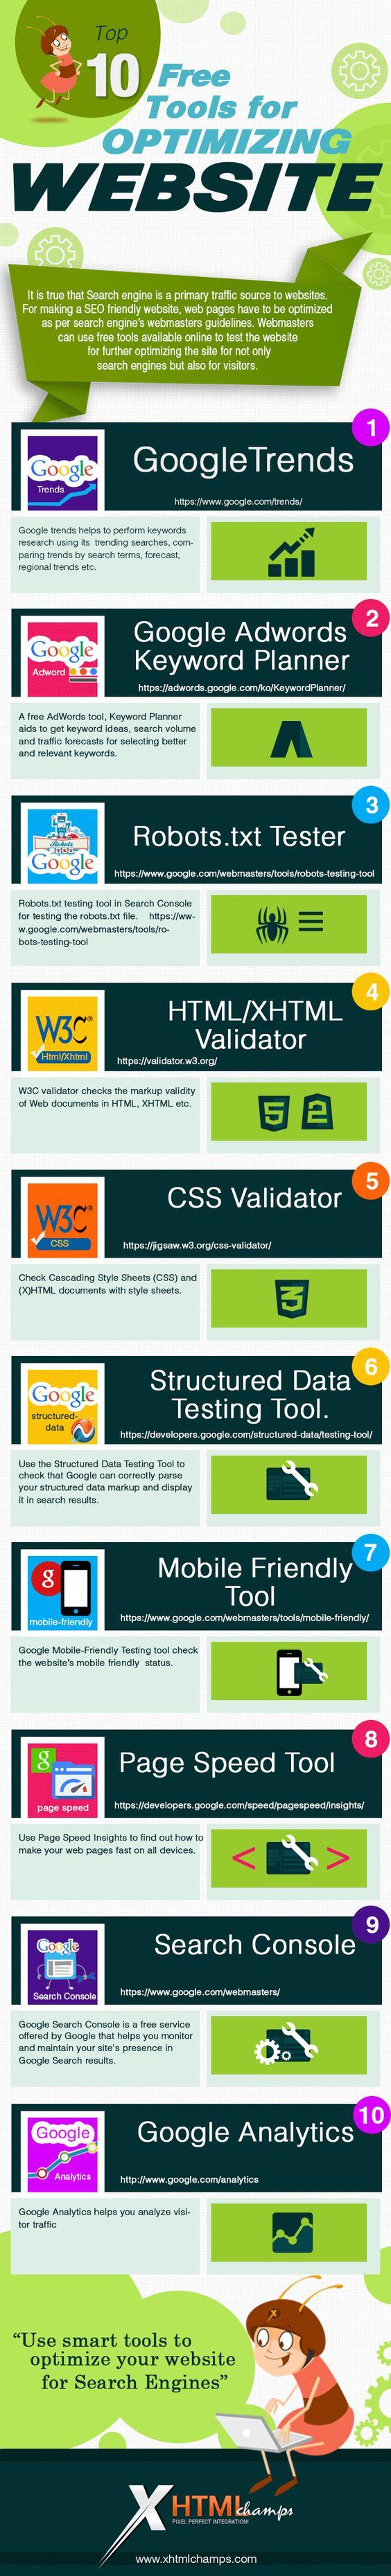 Infographie : 10 outils SEO gratuits pour optimiser son site et son SEO - Actualité Abondance